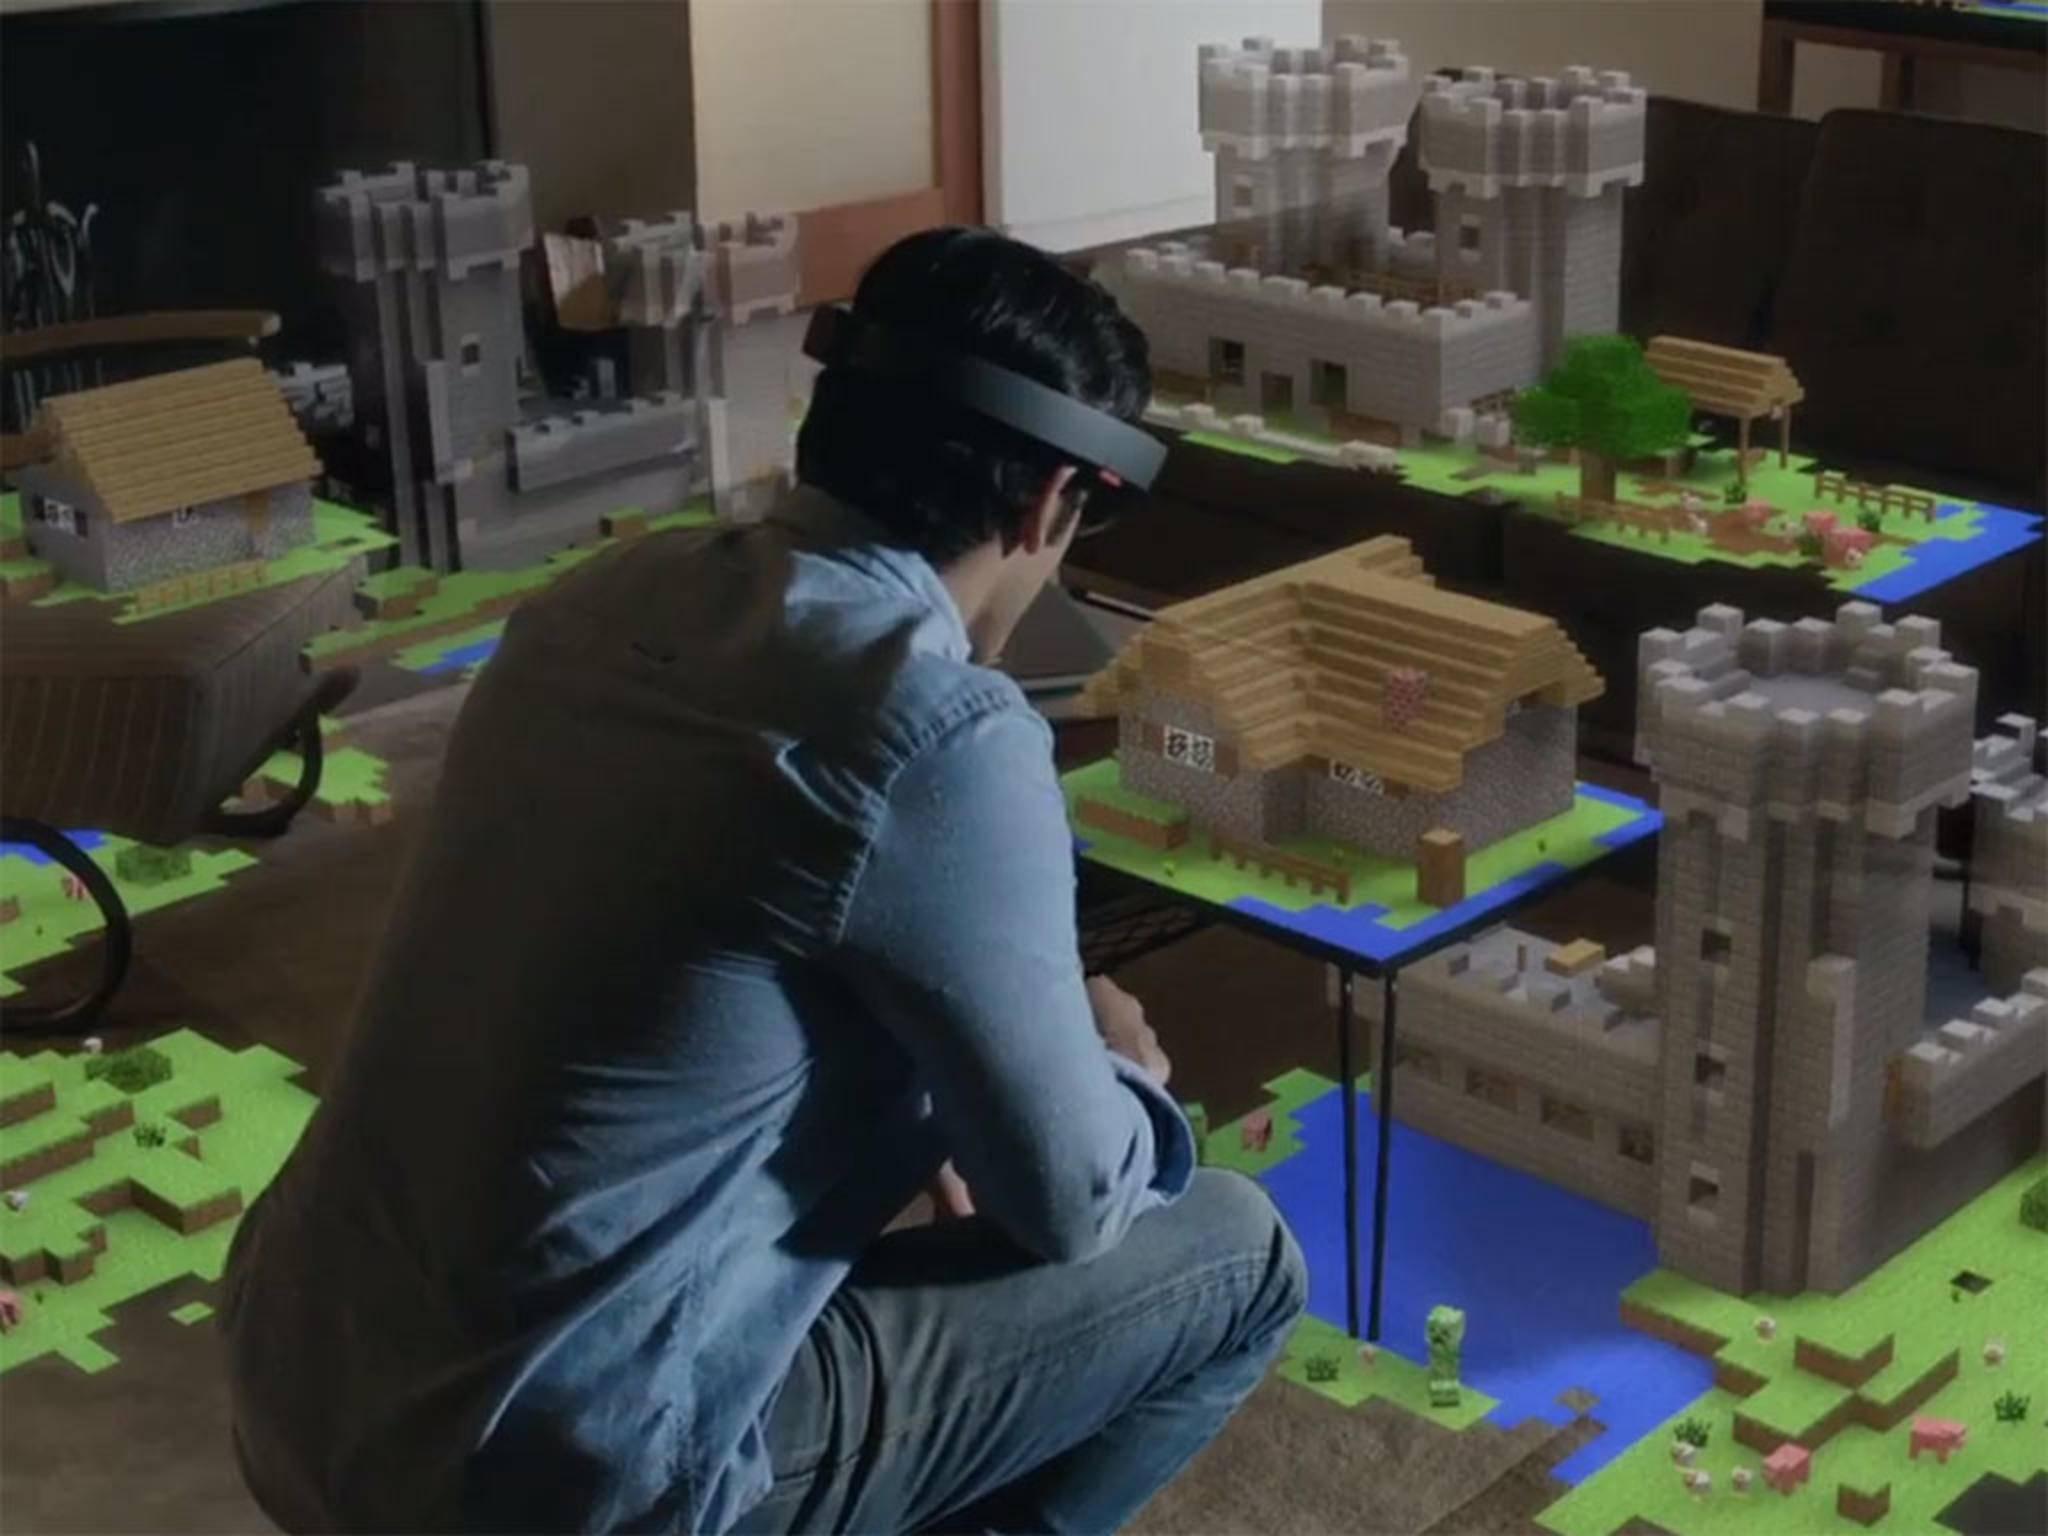 Minecraft per HoloLens: Das kann doch noch nicht alles gewesen sein?